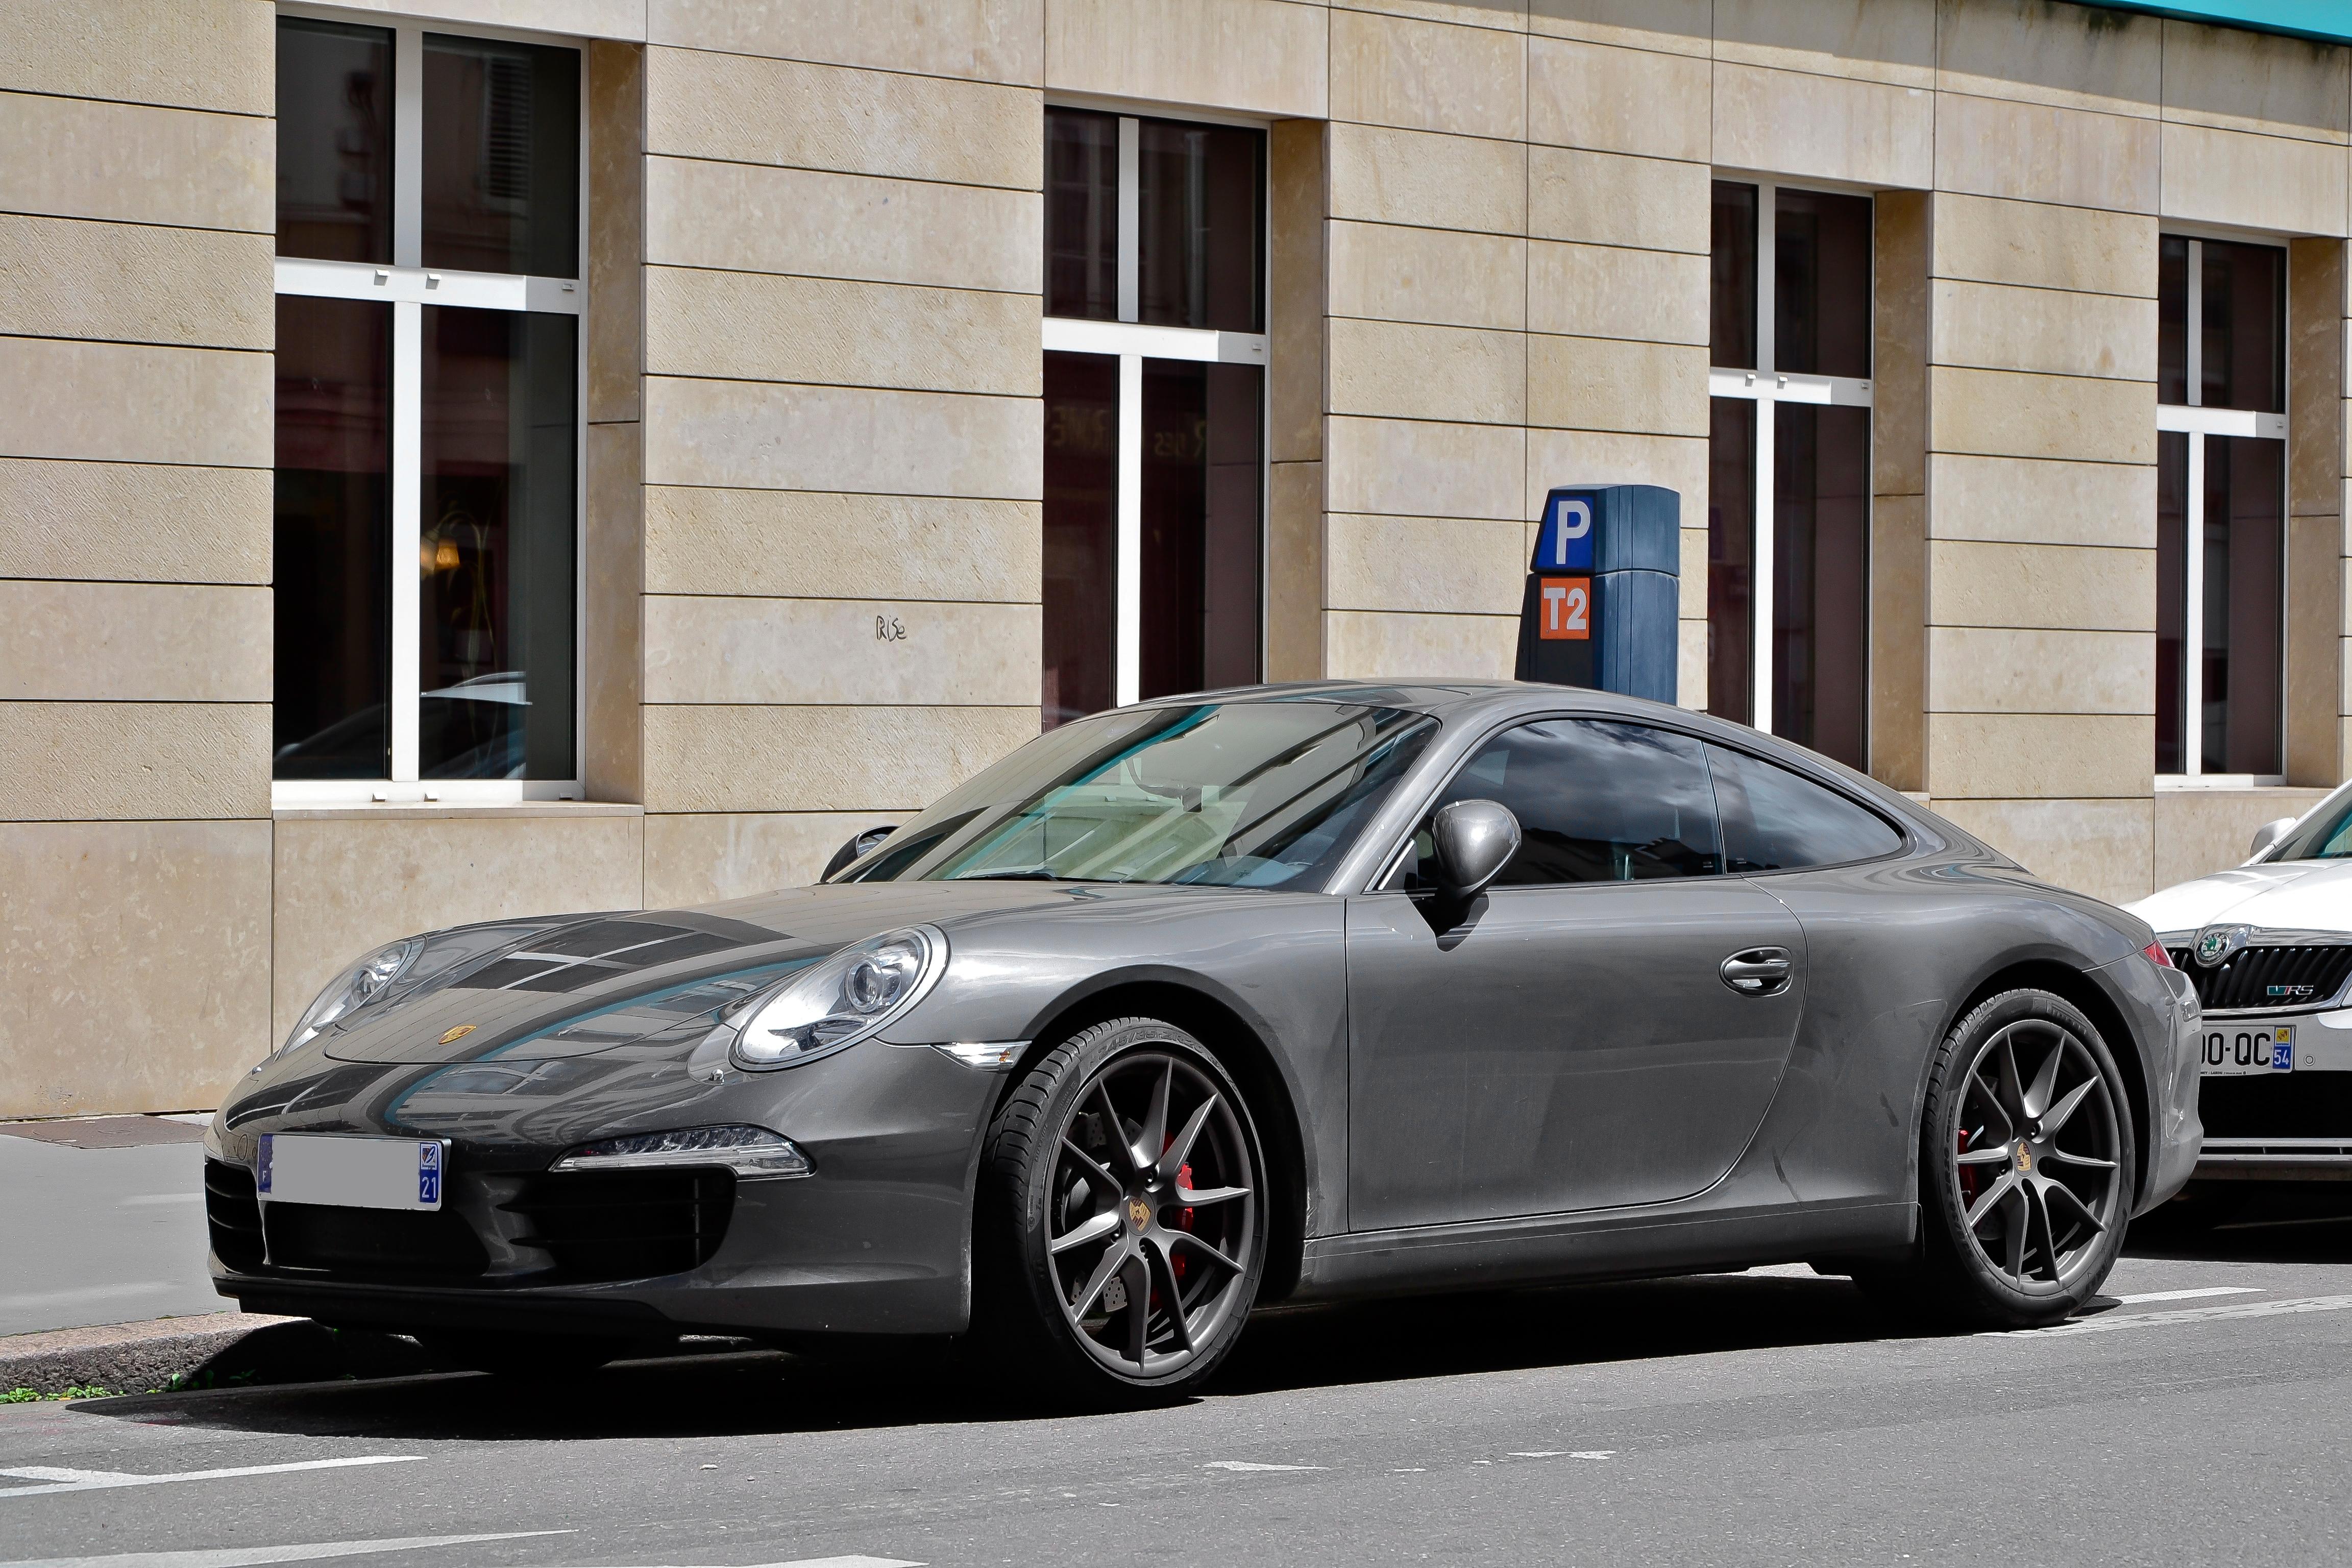 File:Porsche 911 Carrera S (7170127281).jpg - Wikimedia Commons